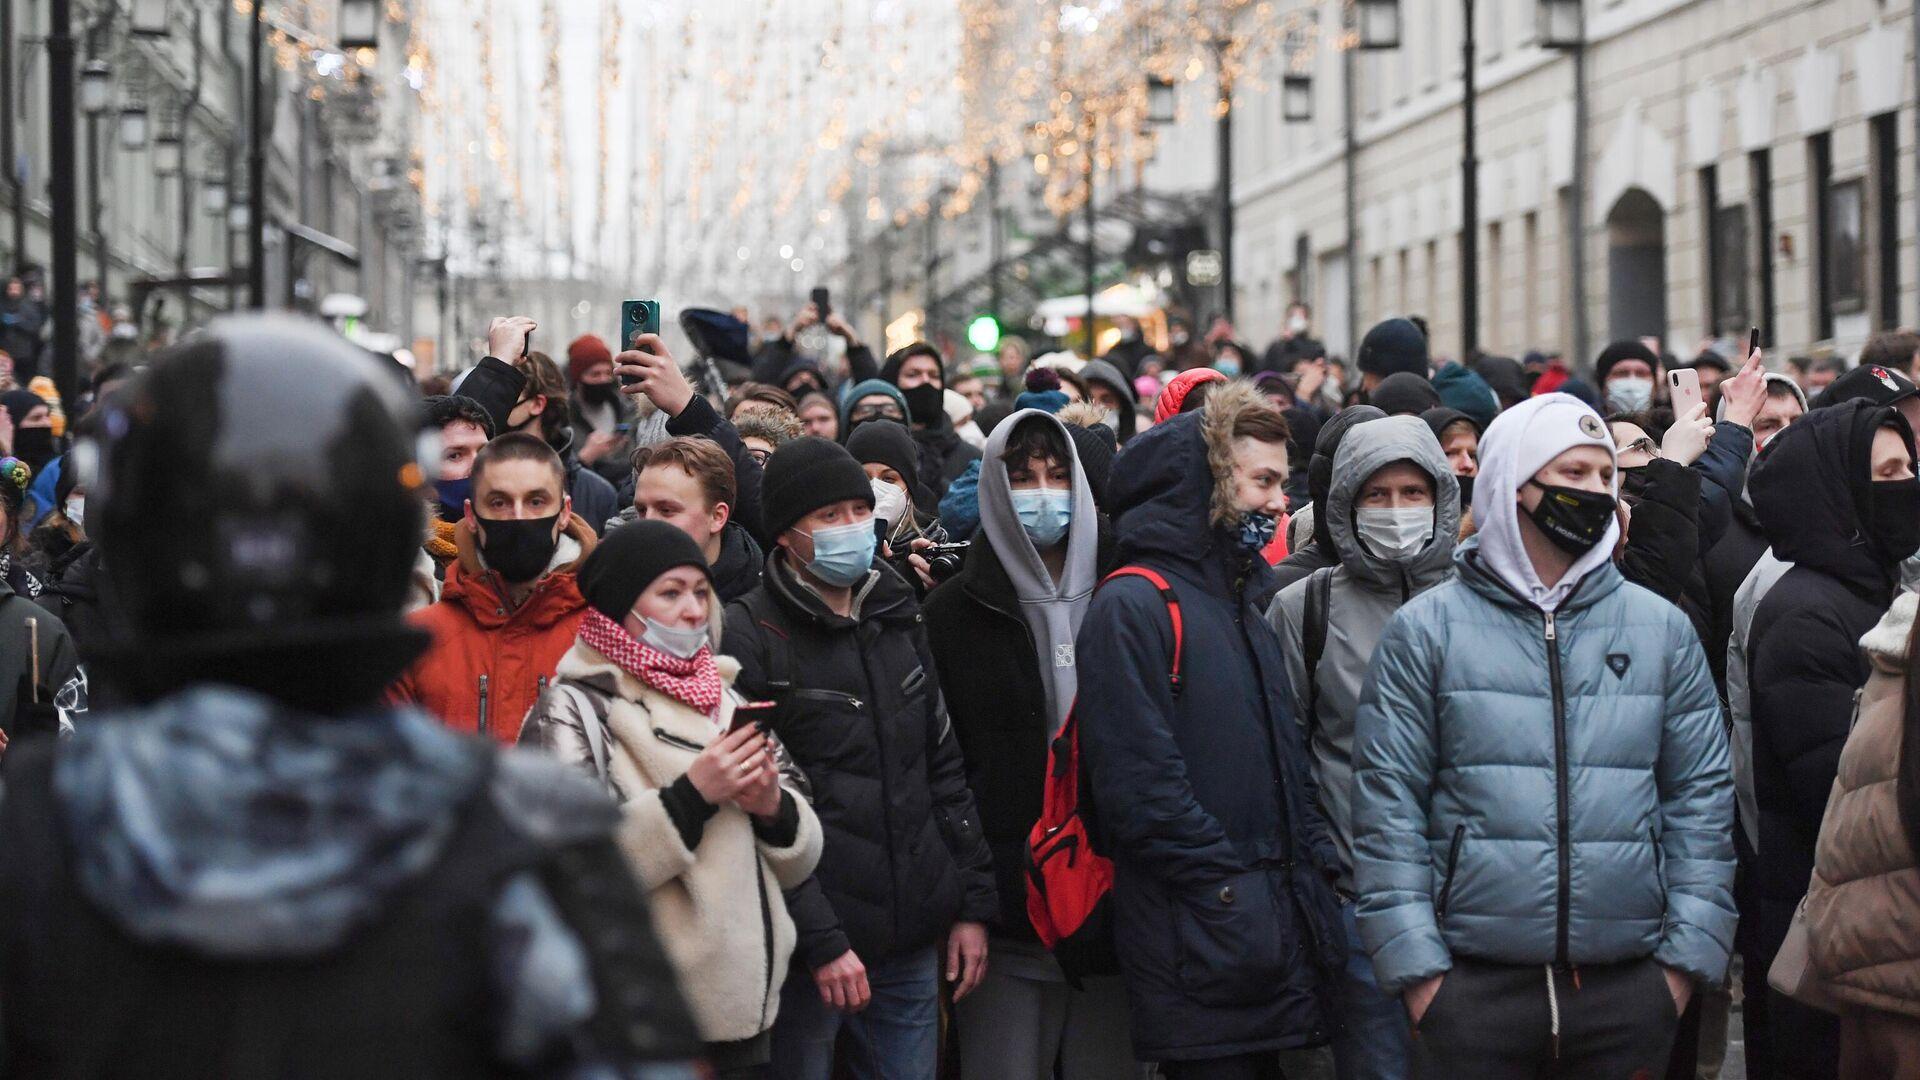 Участники несанкционированной акции сторонников Алексея Навального в Москве - РИА Новости, 1920, 27.01.2021